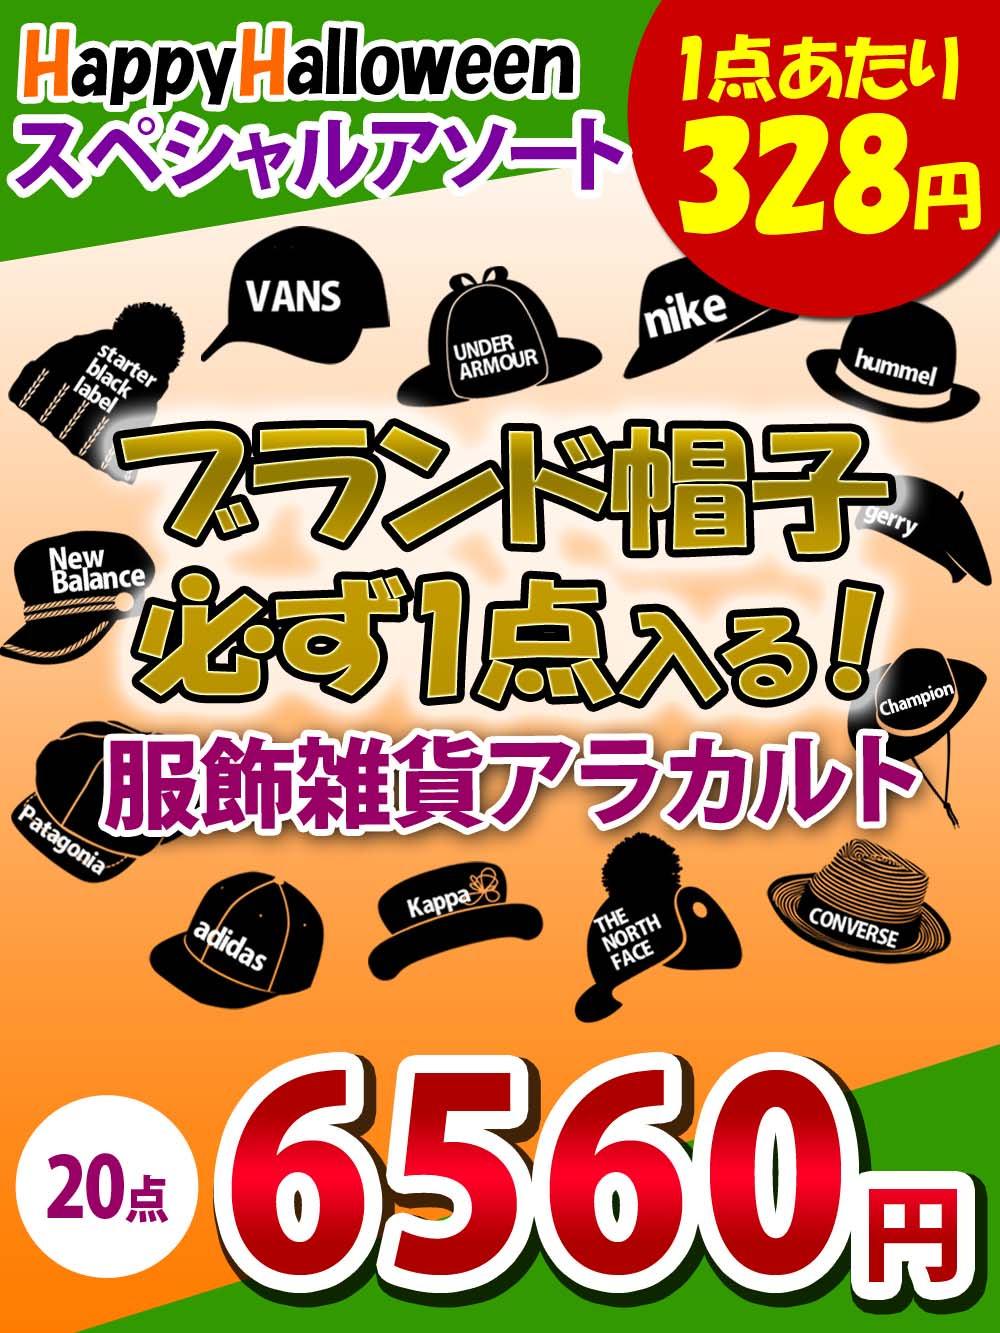 【人気ブランド帽子必ず1点!】ハロウィン特別企画!限定20袋★服飾雑貨アソート【20点】@328